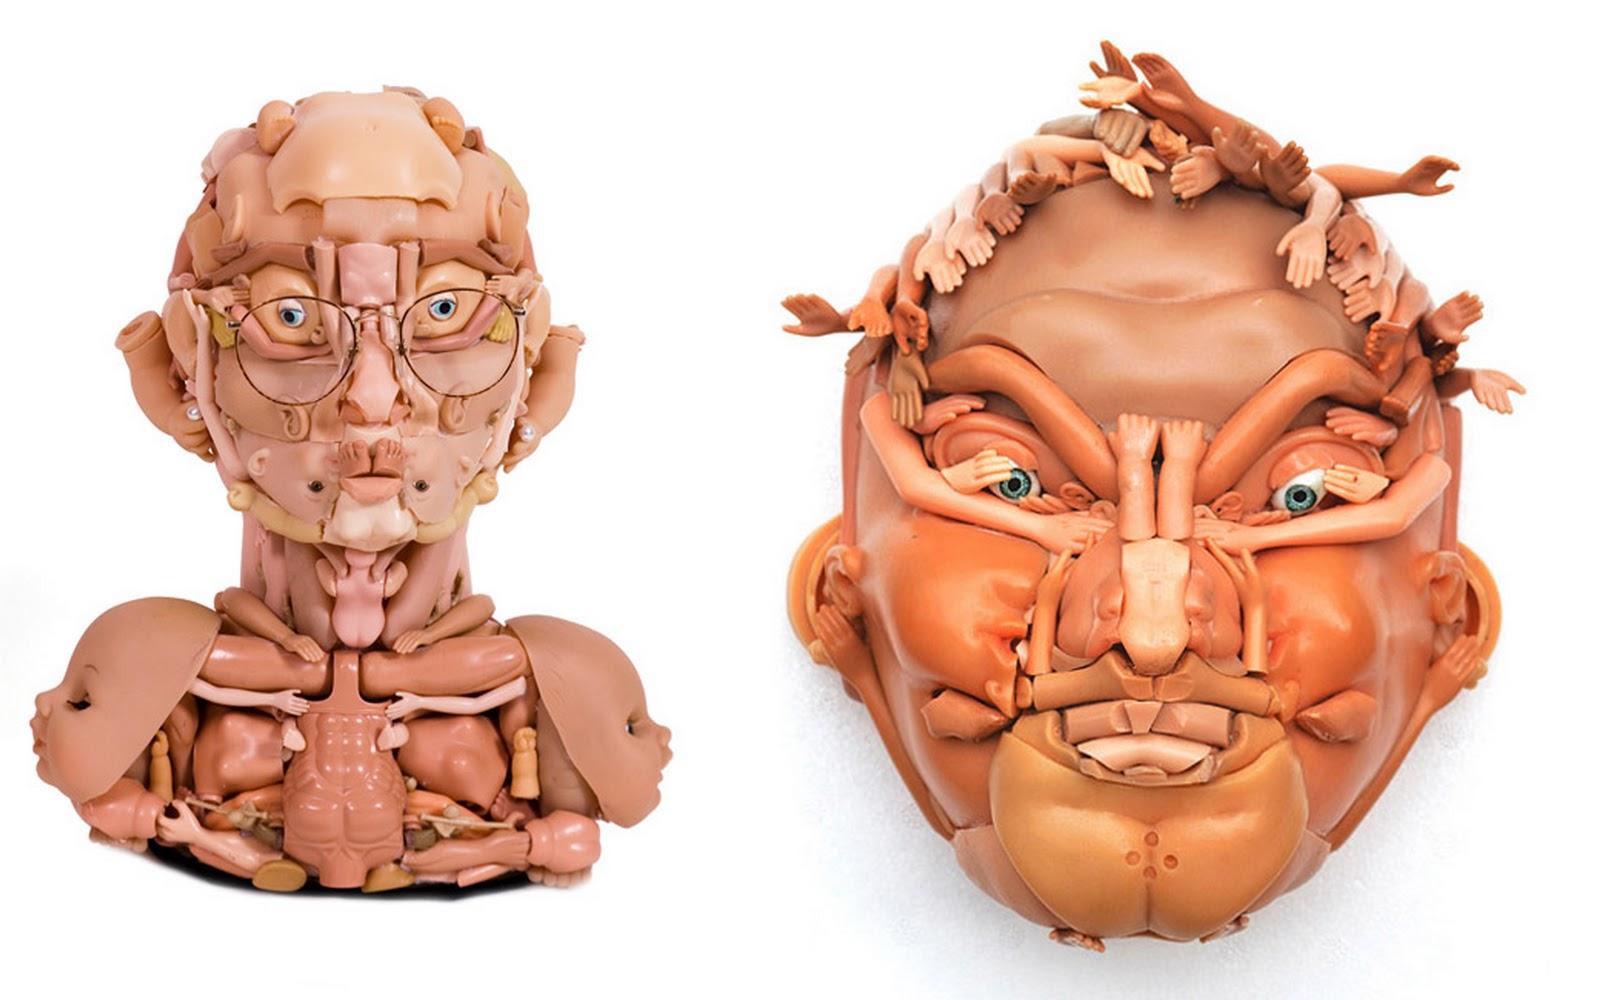 Monster Bego 10 Karya Seni Terbaru Yang Sangar Aneh